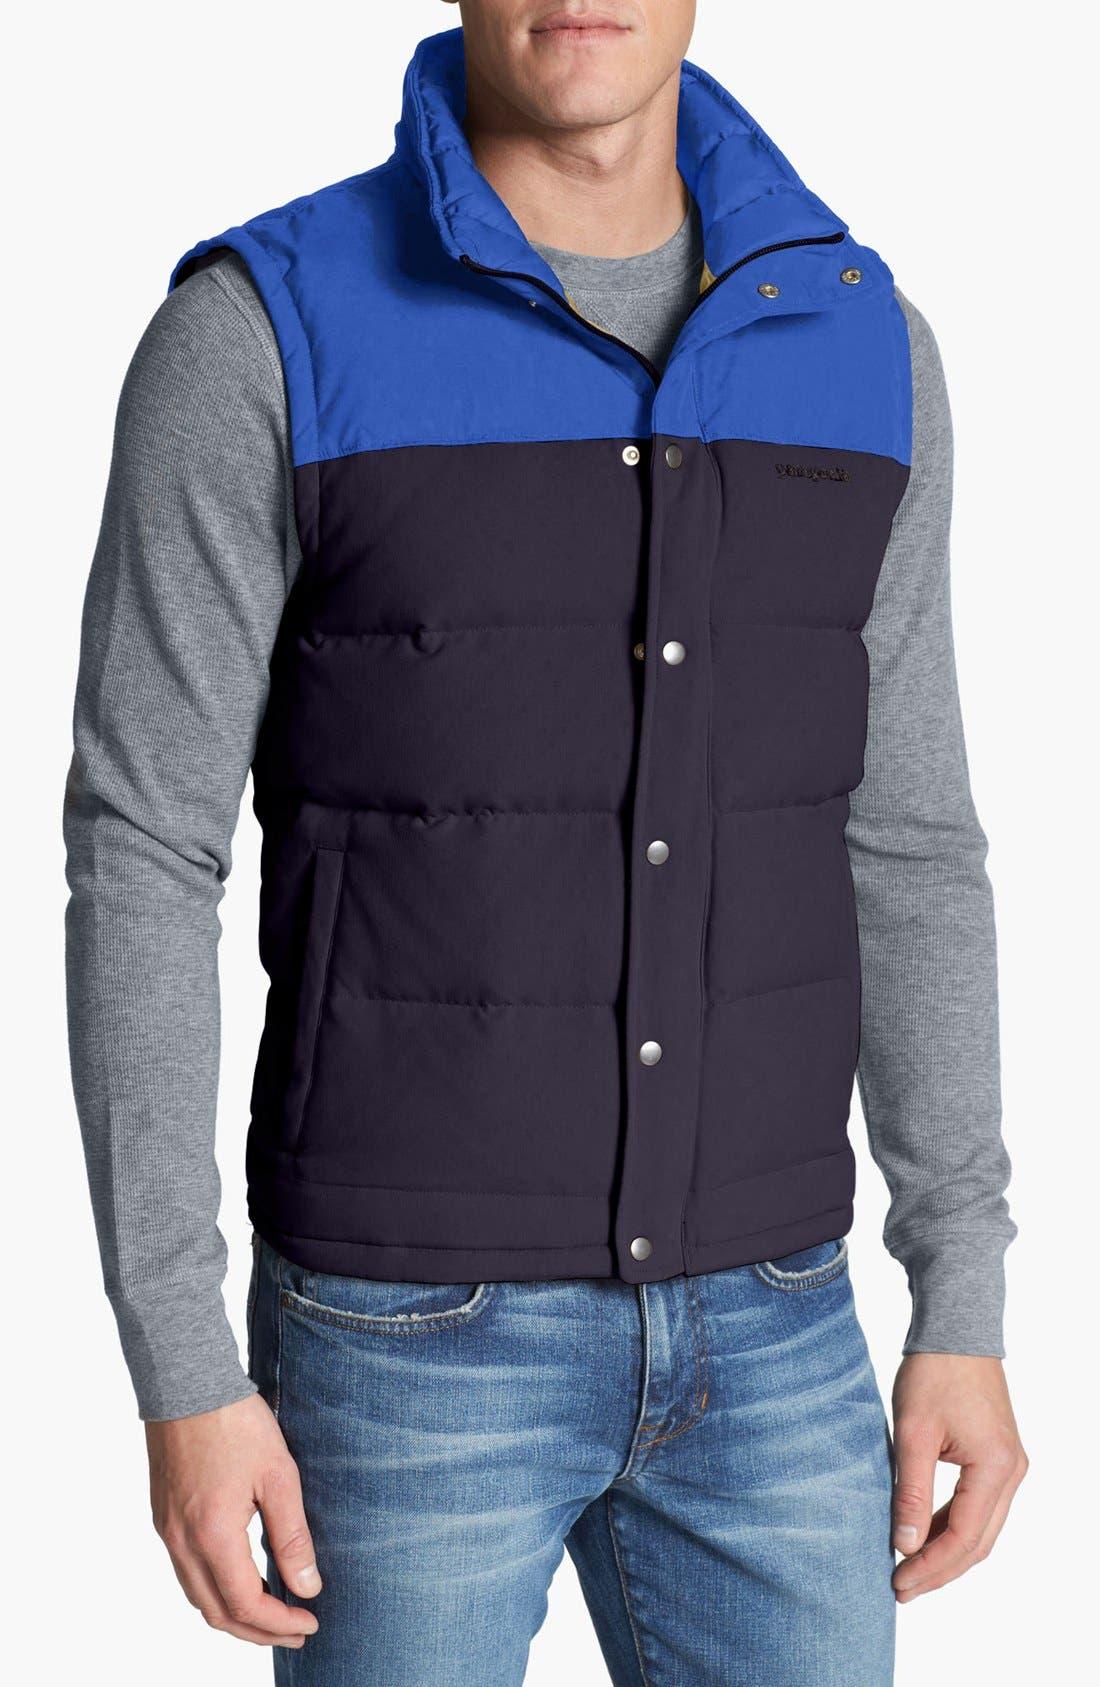 Alternate Image 1 Selected - Patagonia 'Bivy' Down Vest